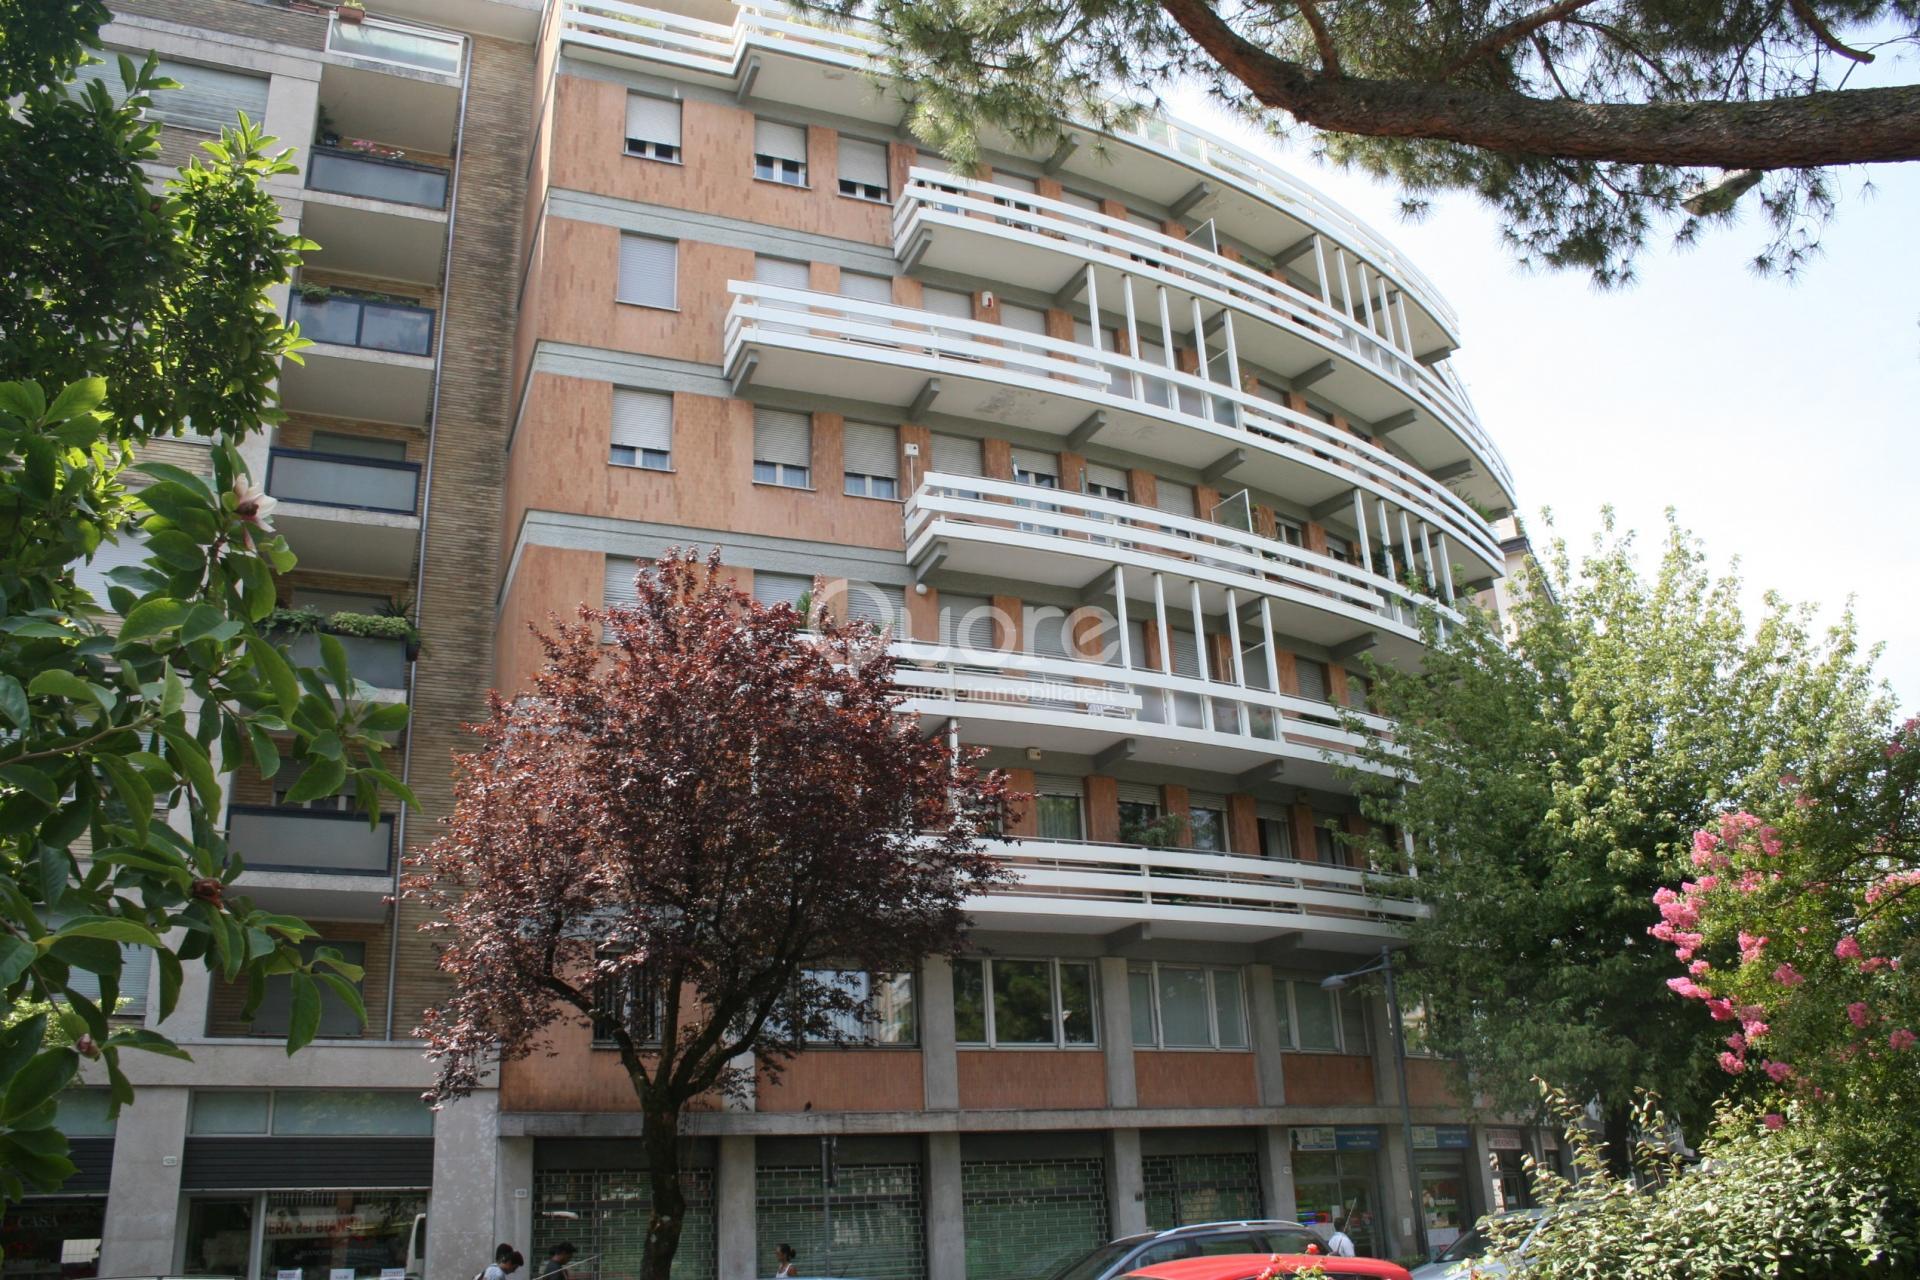 Appartamento in affitto a Udine, 5 locali, prezzo € 750 | Cambio Casa.it